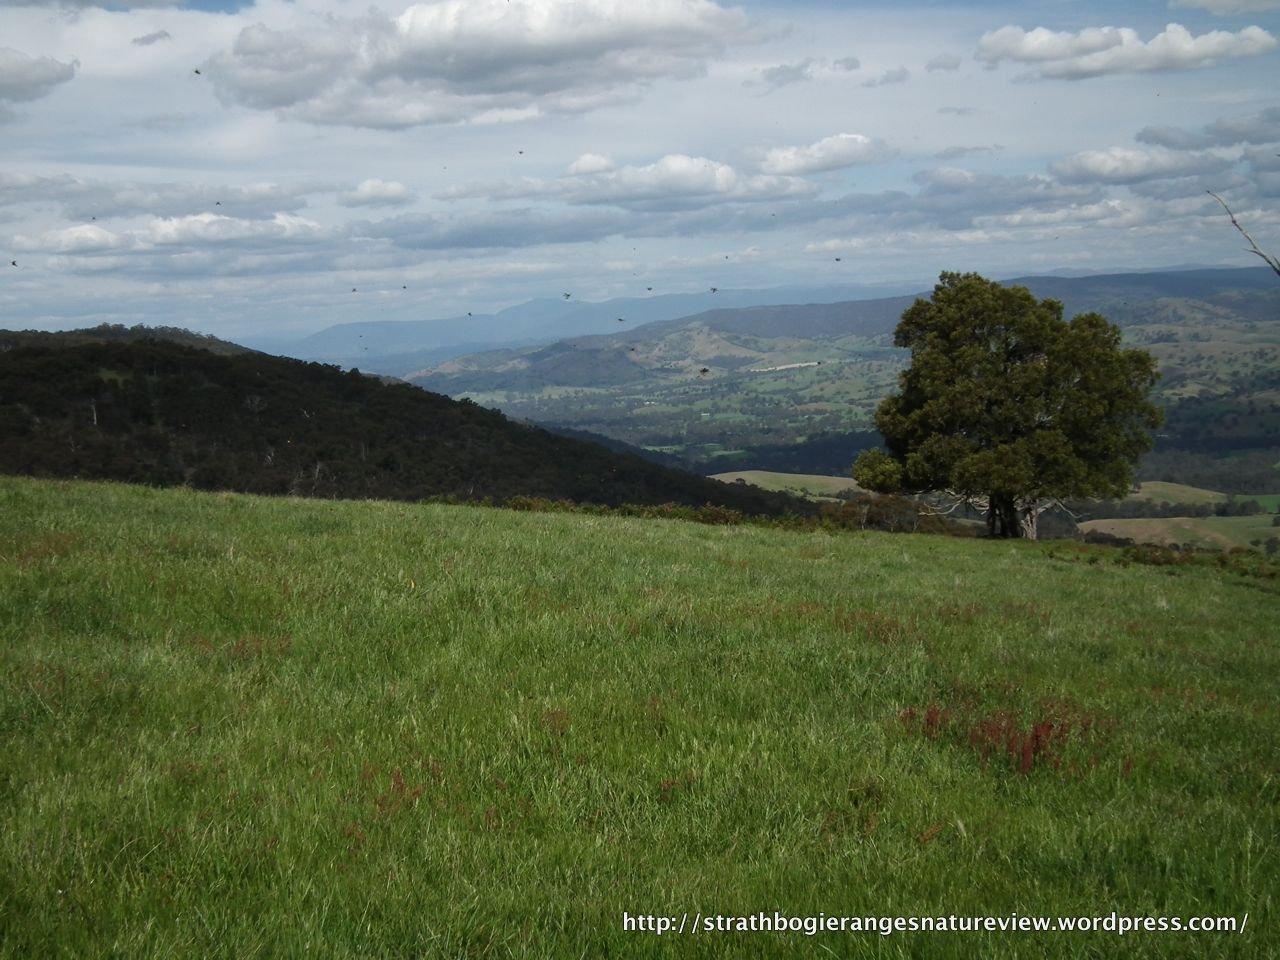 DSCF2272 – Strathbogie Ranges – Nature View